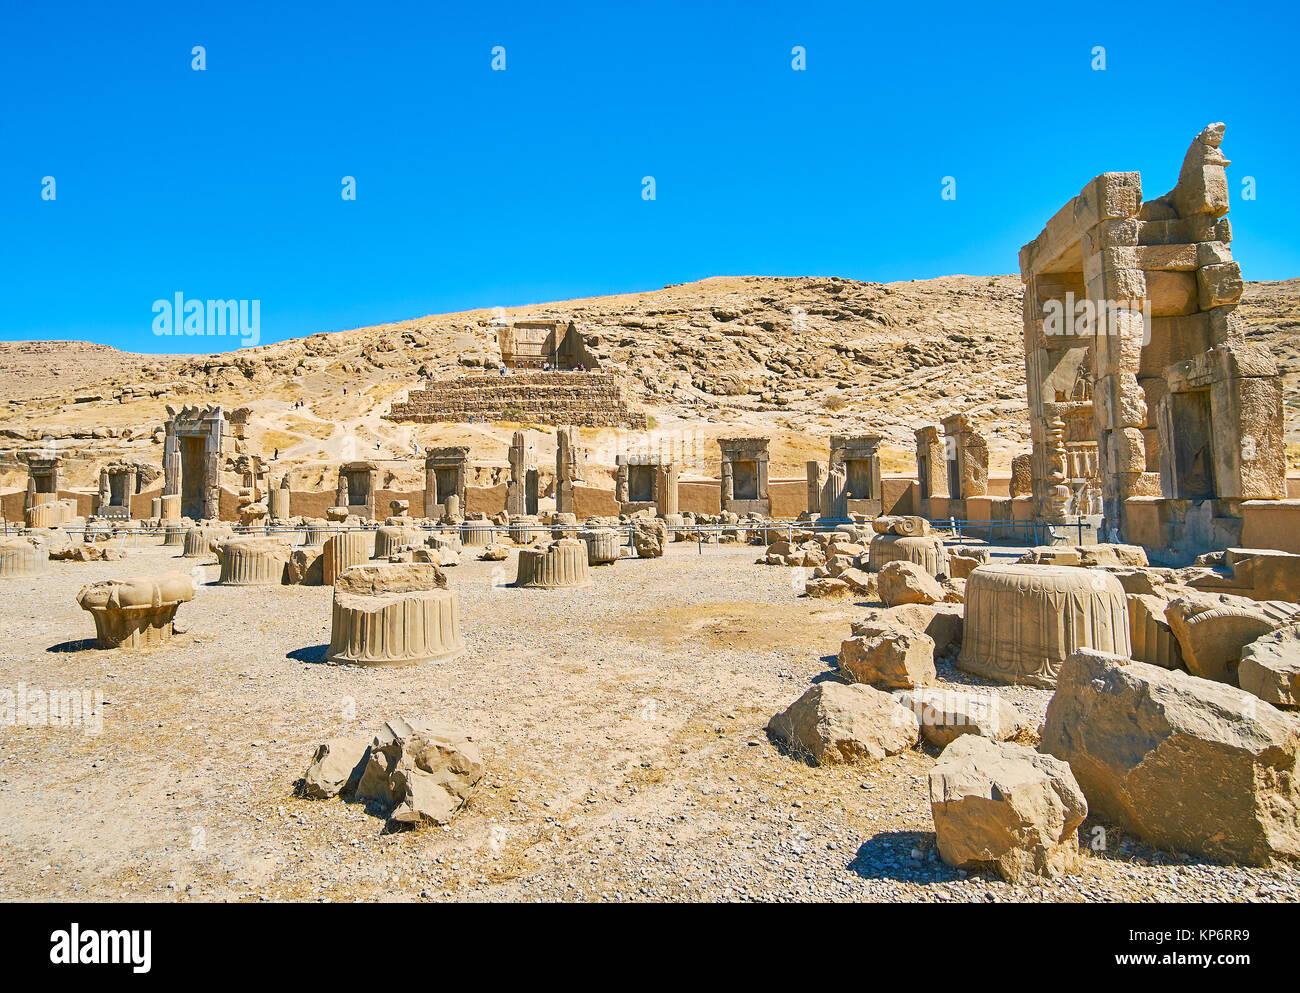 Sitio arqueológico de Persépolis es famoso entre los locales y turistas foregn, visitando a Irán. Foto de stock